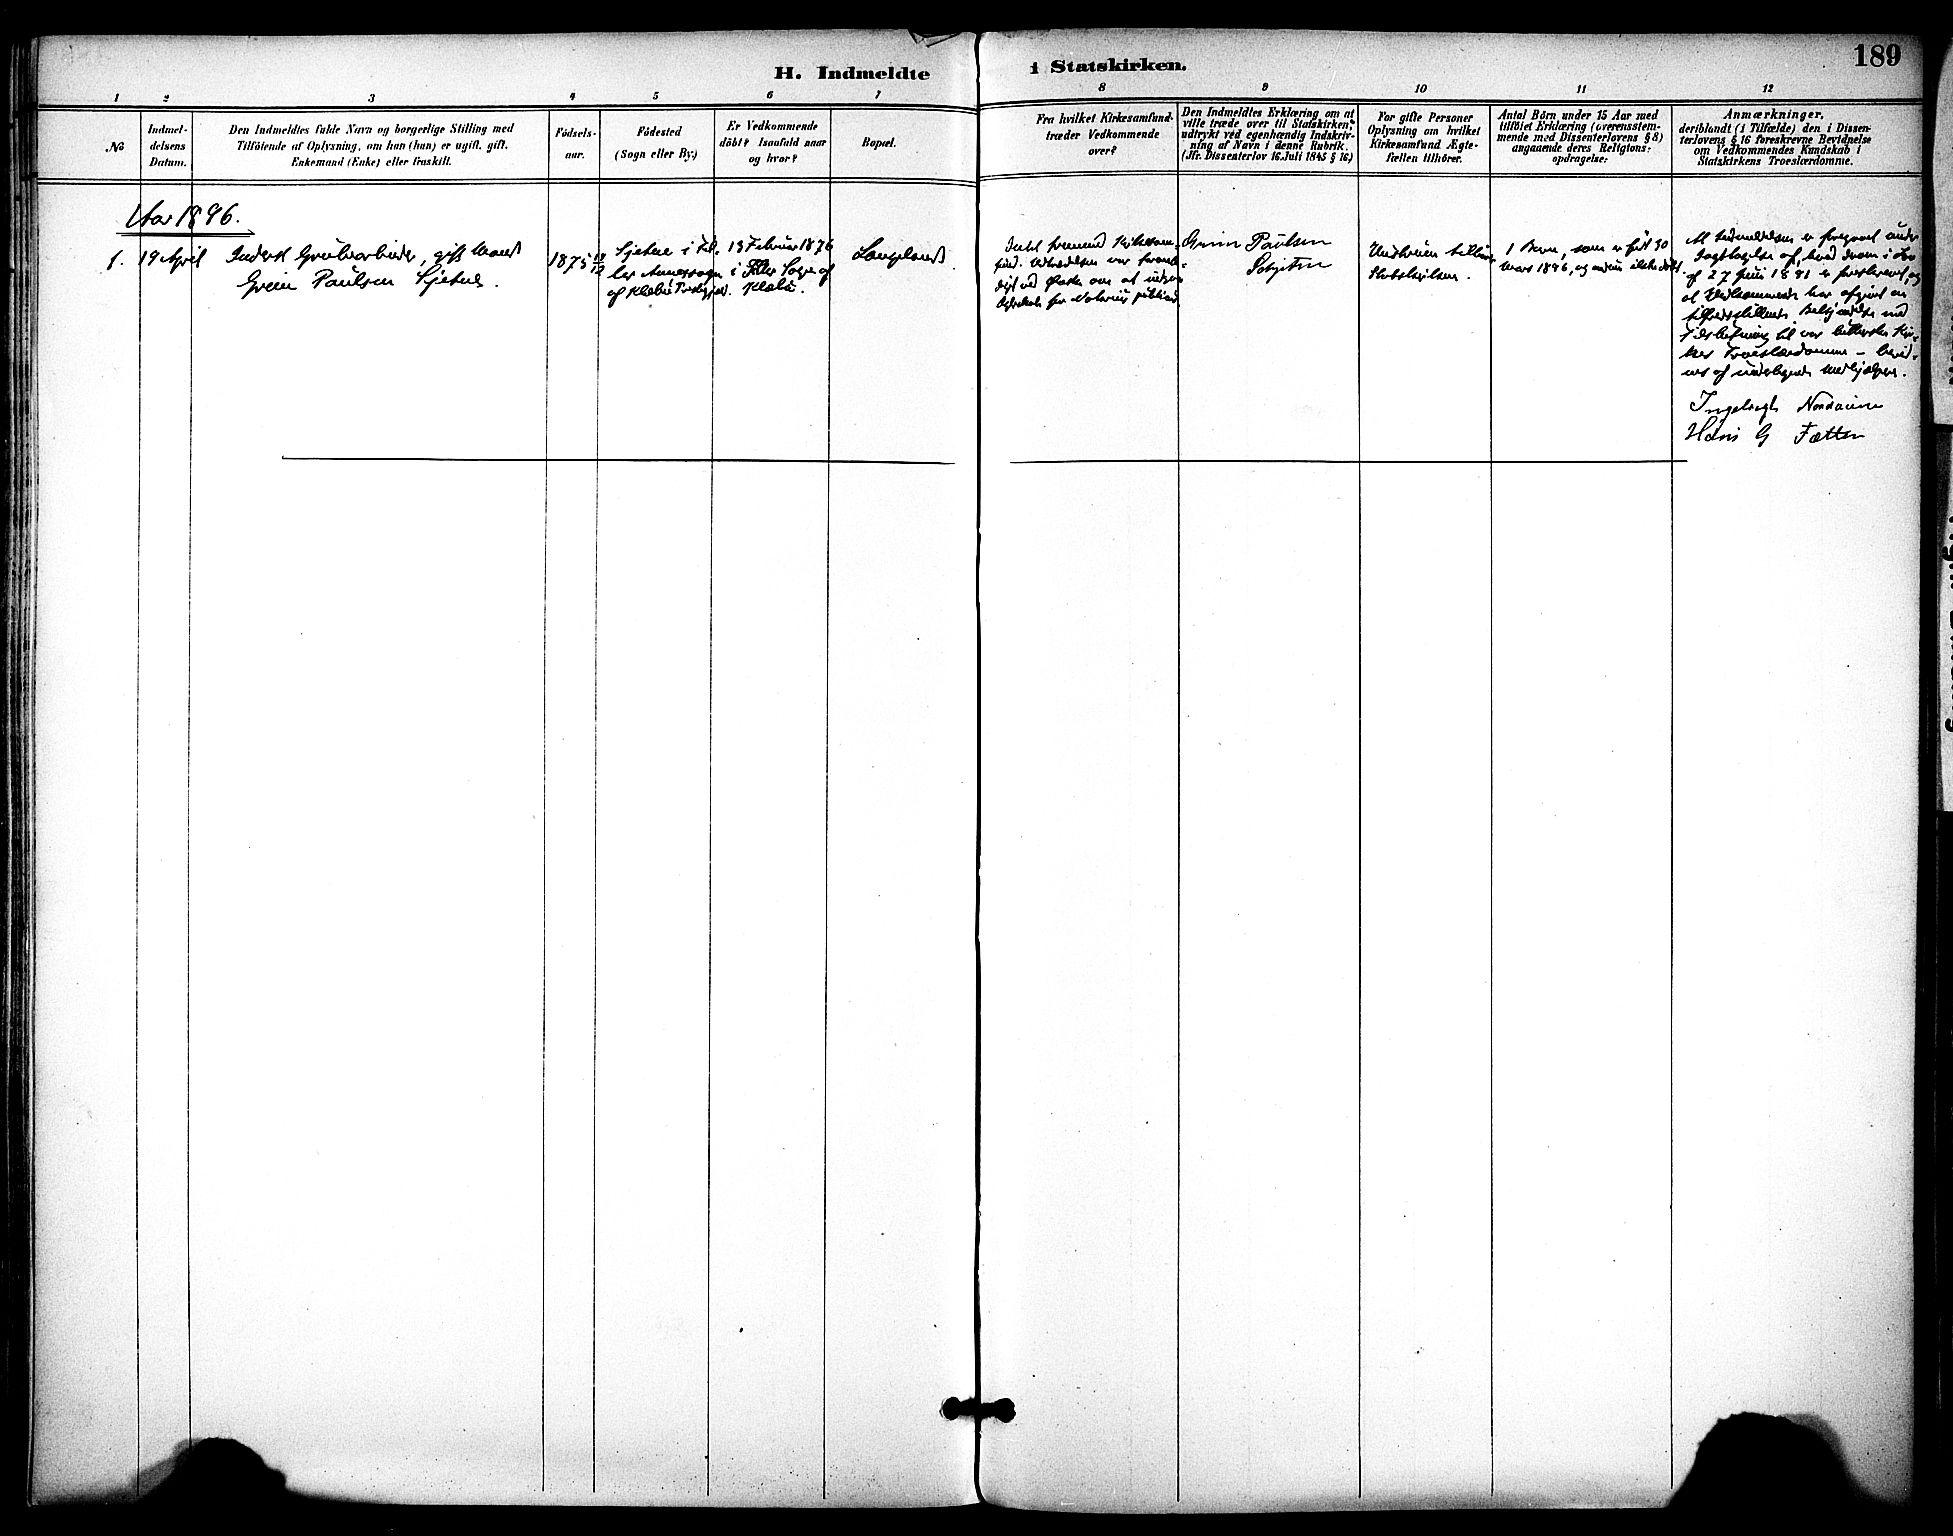 SAT, Ministerialprotokoller, klokkerbøker og fødselsregistre - Sør-Trøndelag, 686/L0984: Ministerialbok nr. 686A02, 1891-1906, s. 189